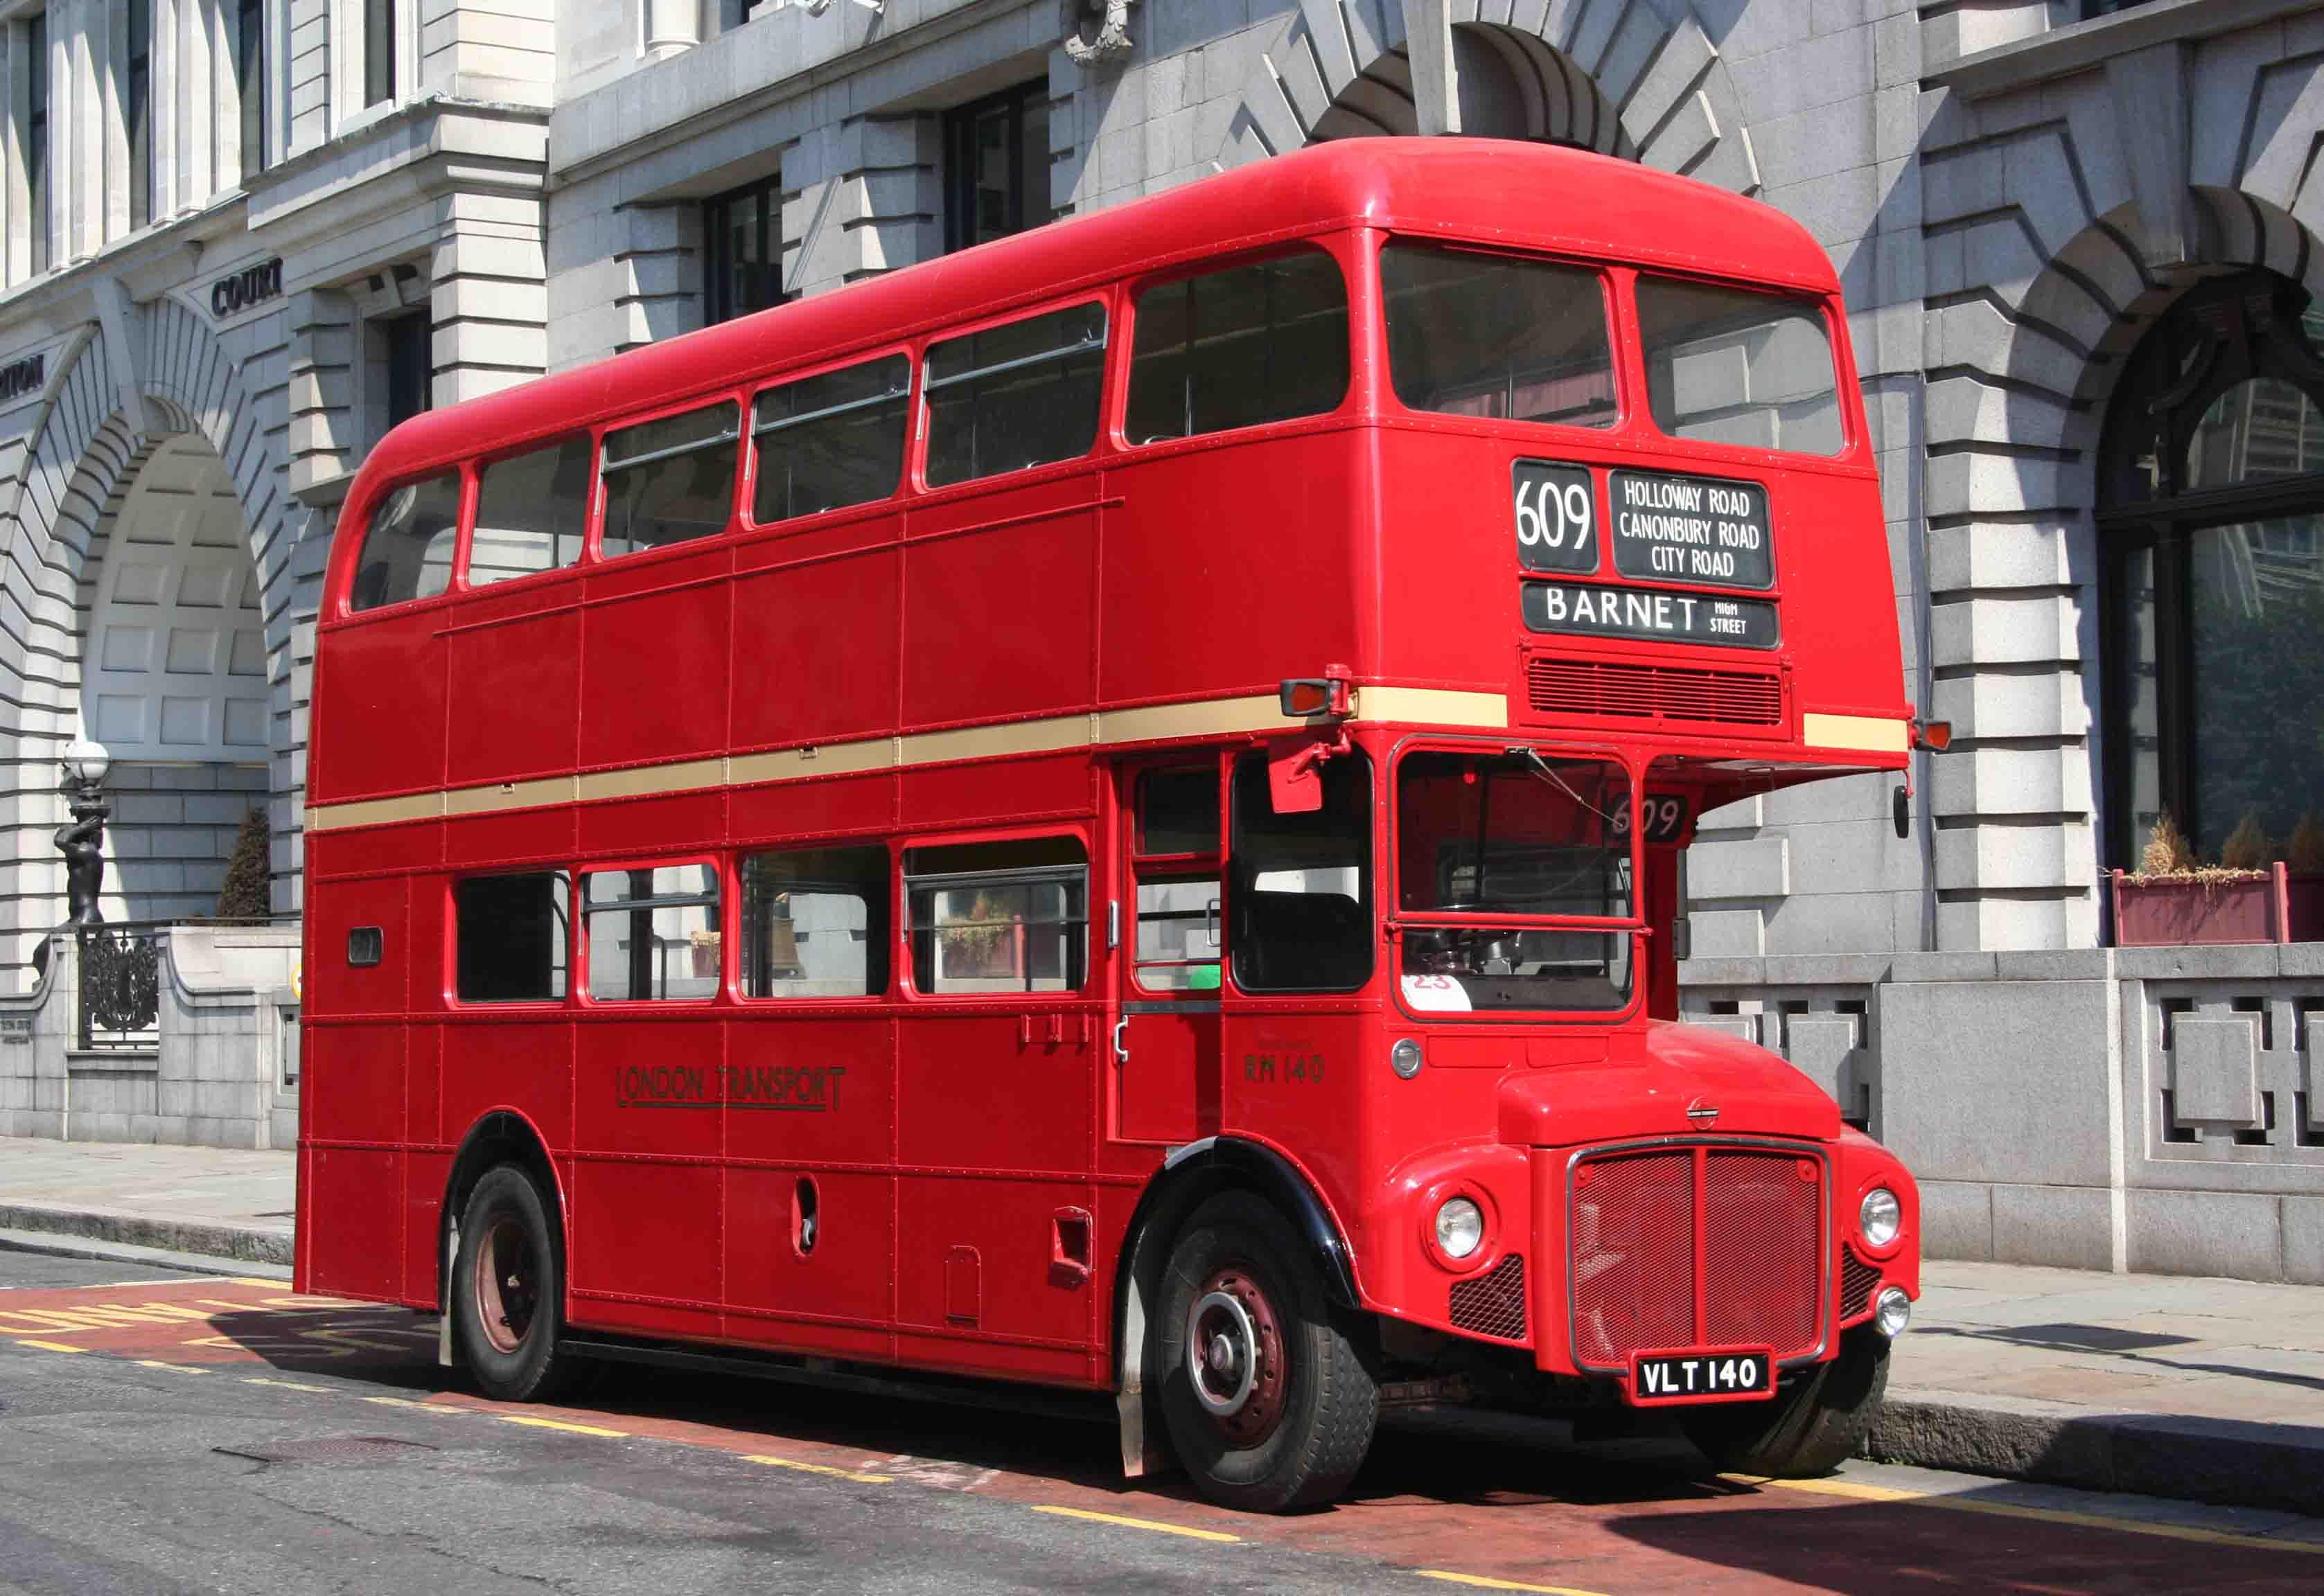 1959 AEC Routemaster bus - RM140 - London Bus Museum